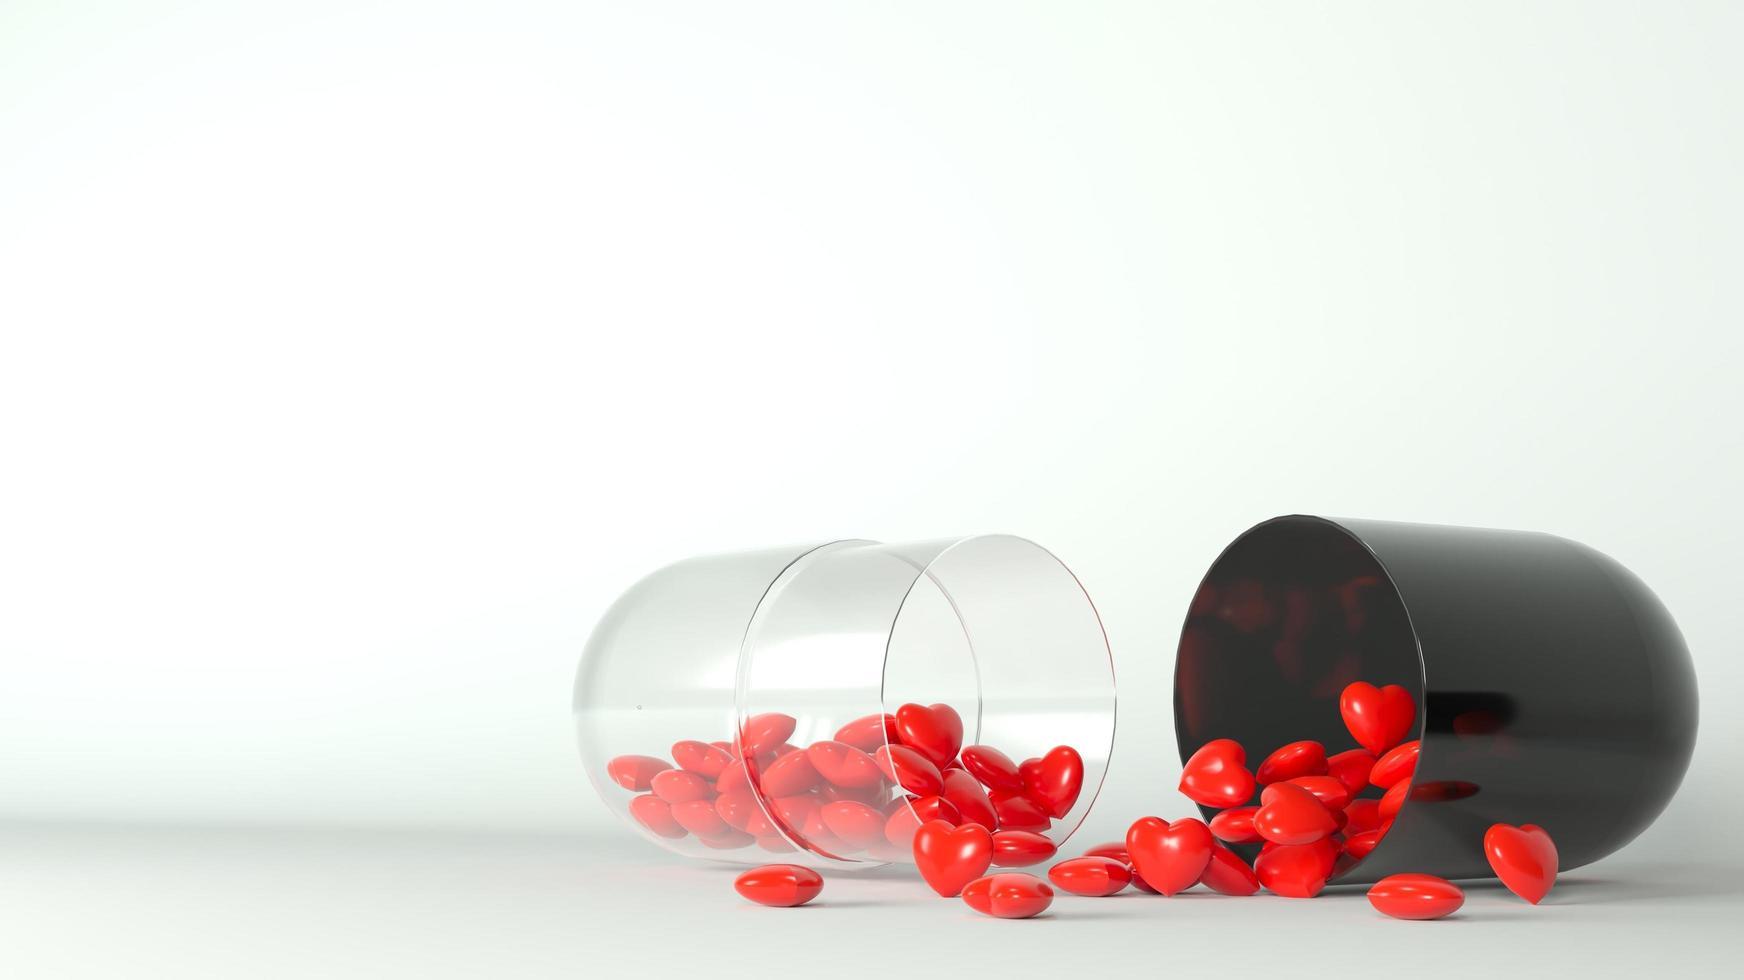 pastilla medica con corazones rojos foto